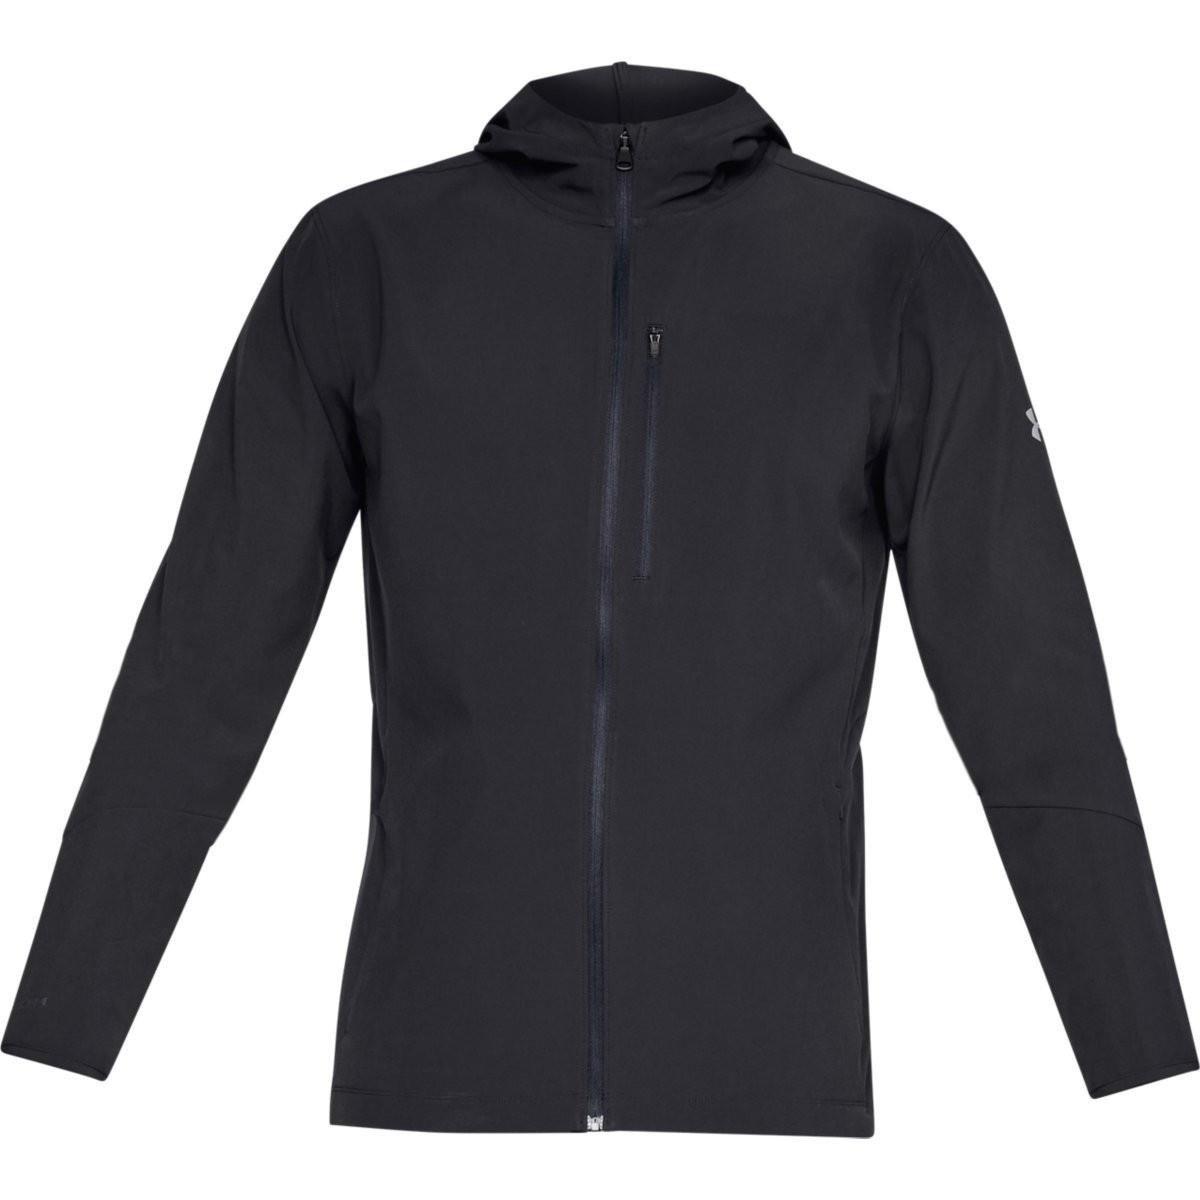 kup tanio tani wiele modnych Under Armour Outrun The Storm Jacket V2 - męska kurtka (czarny)